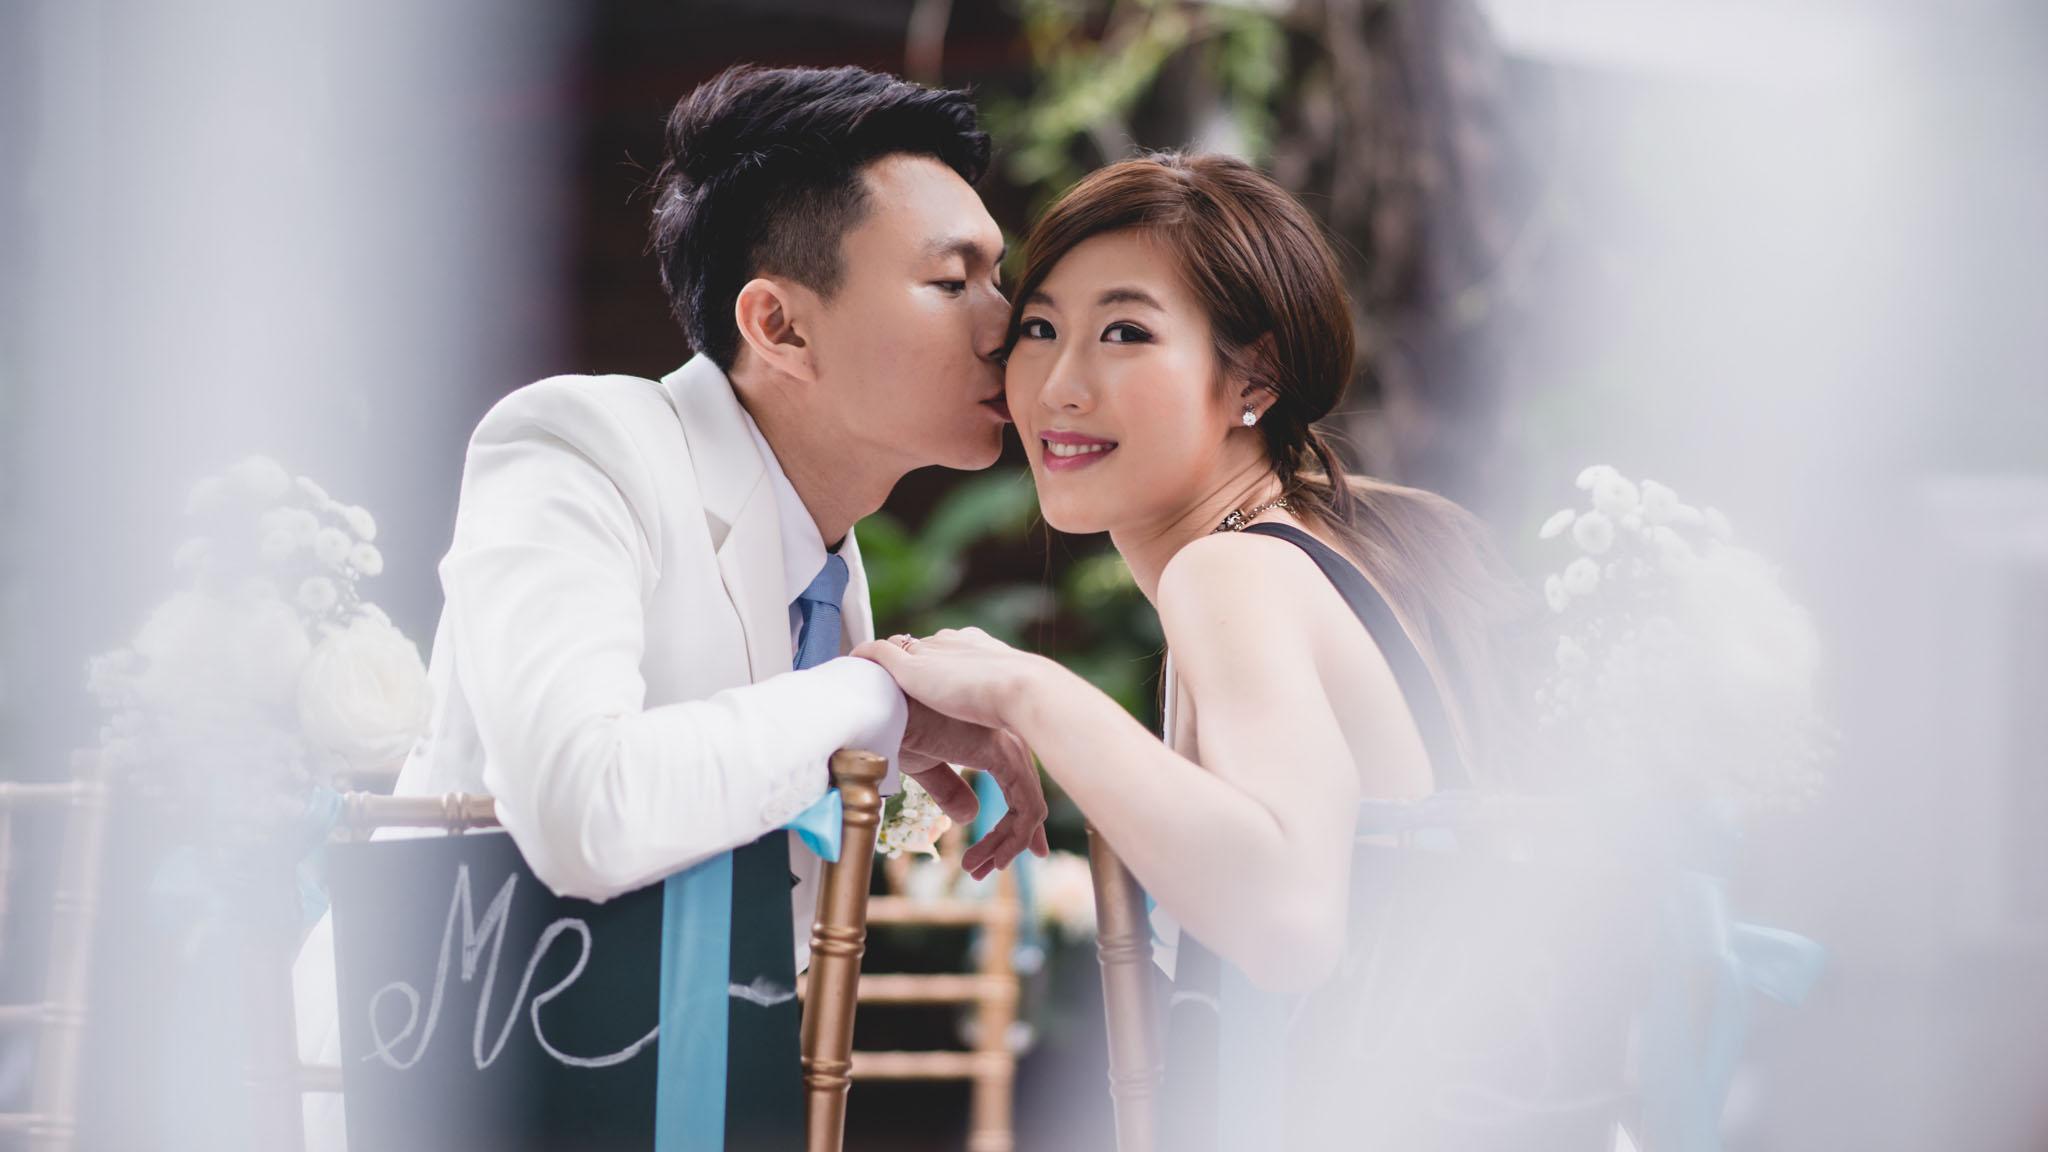 Wedding skyve 46.JPG